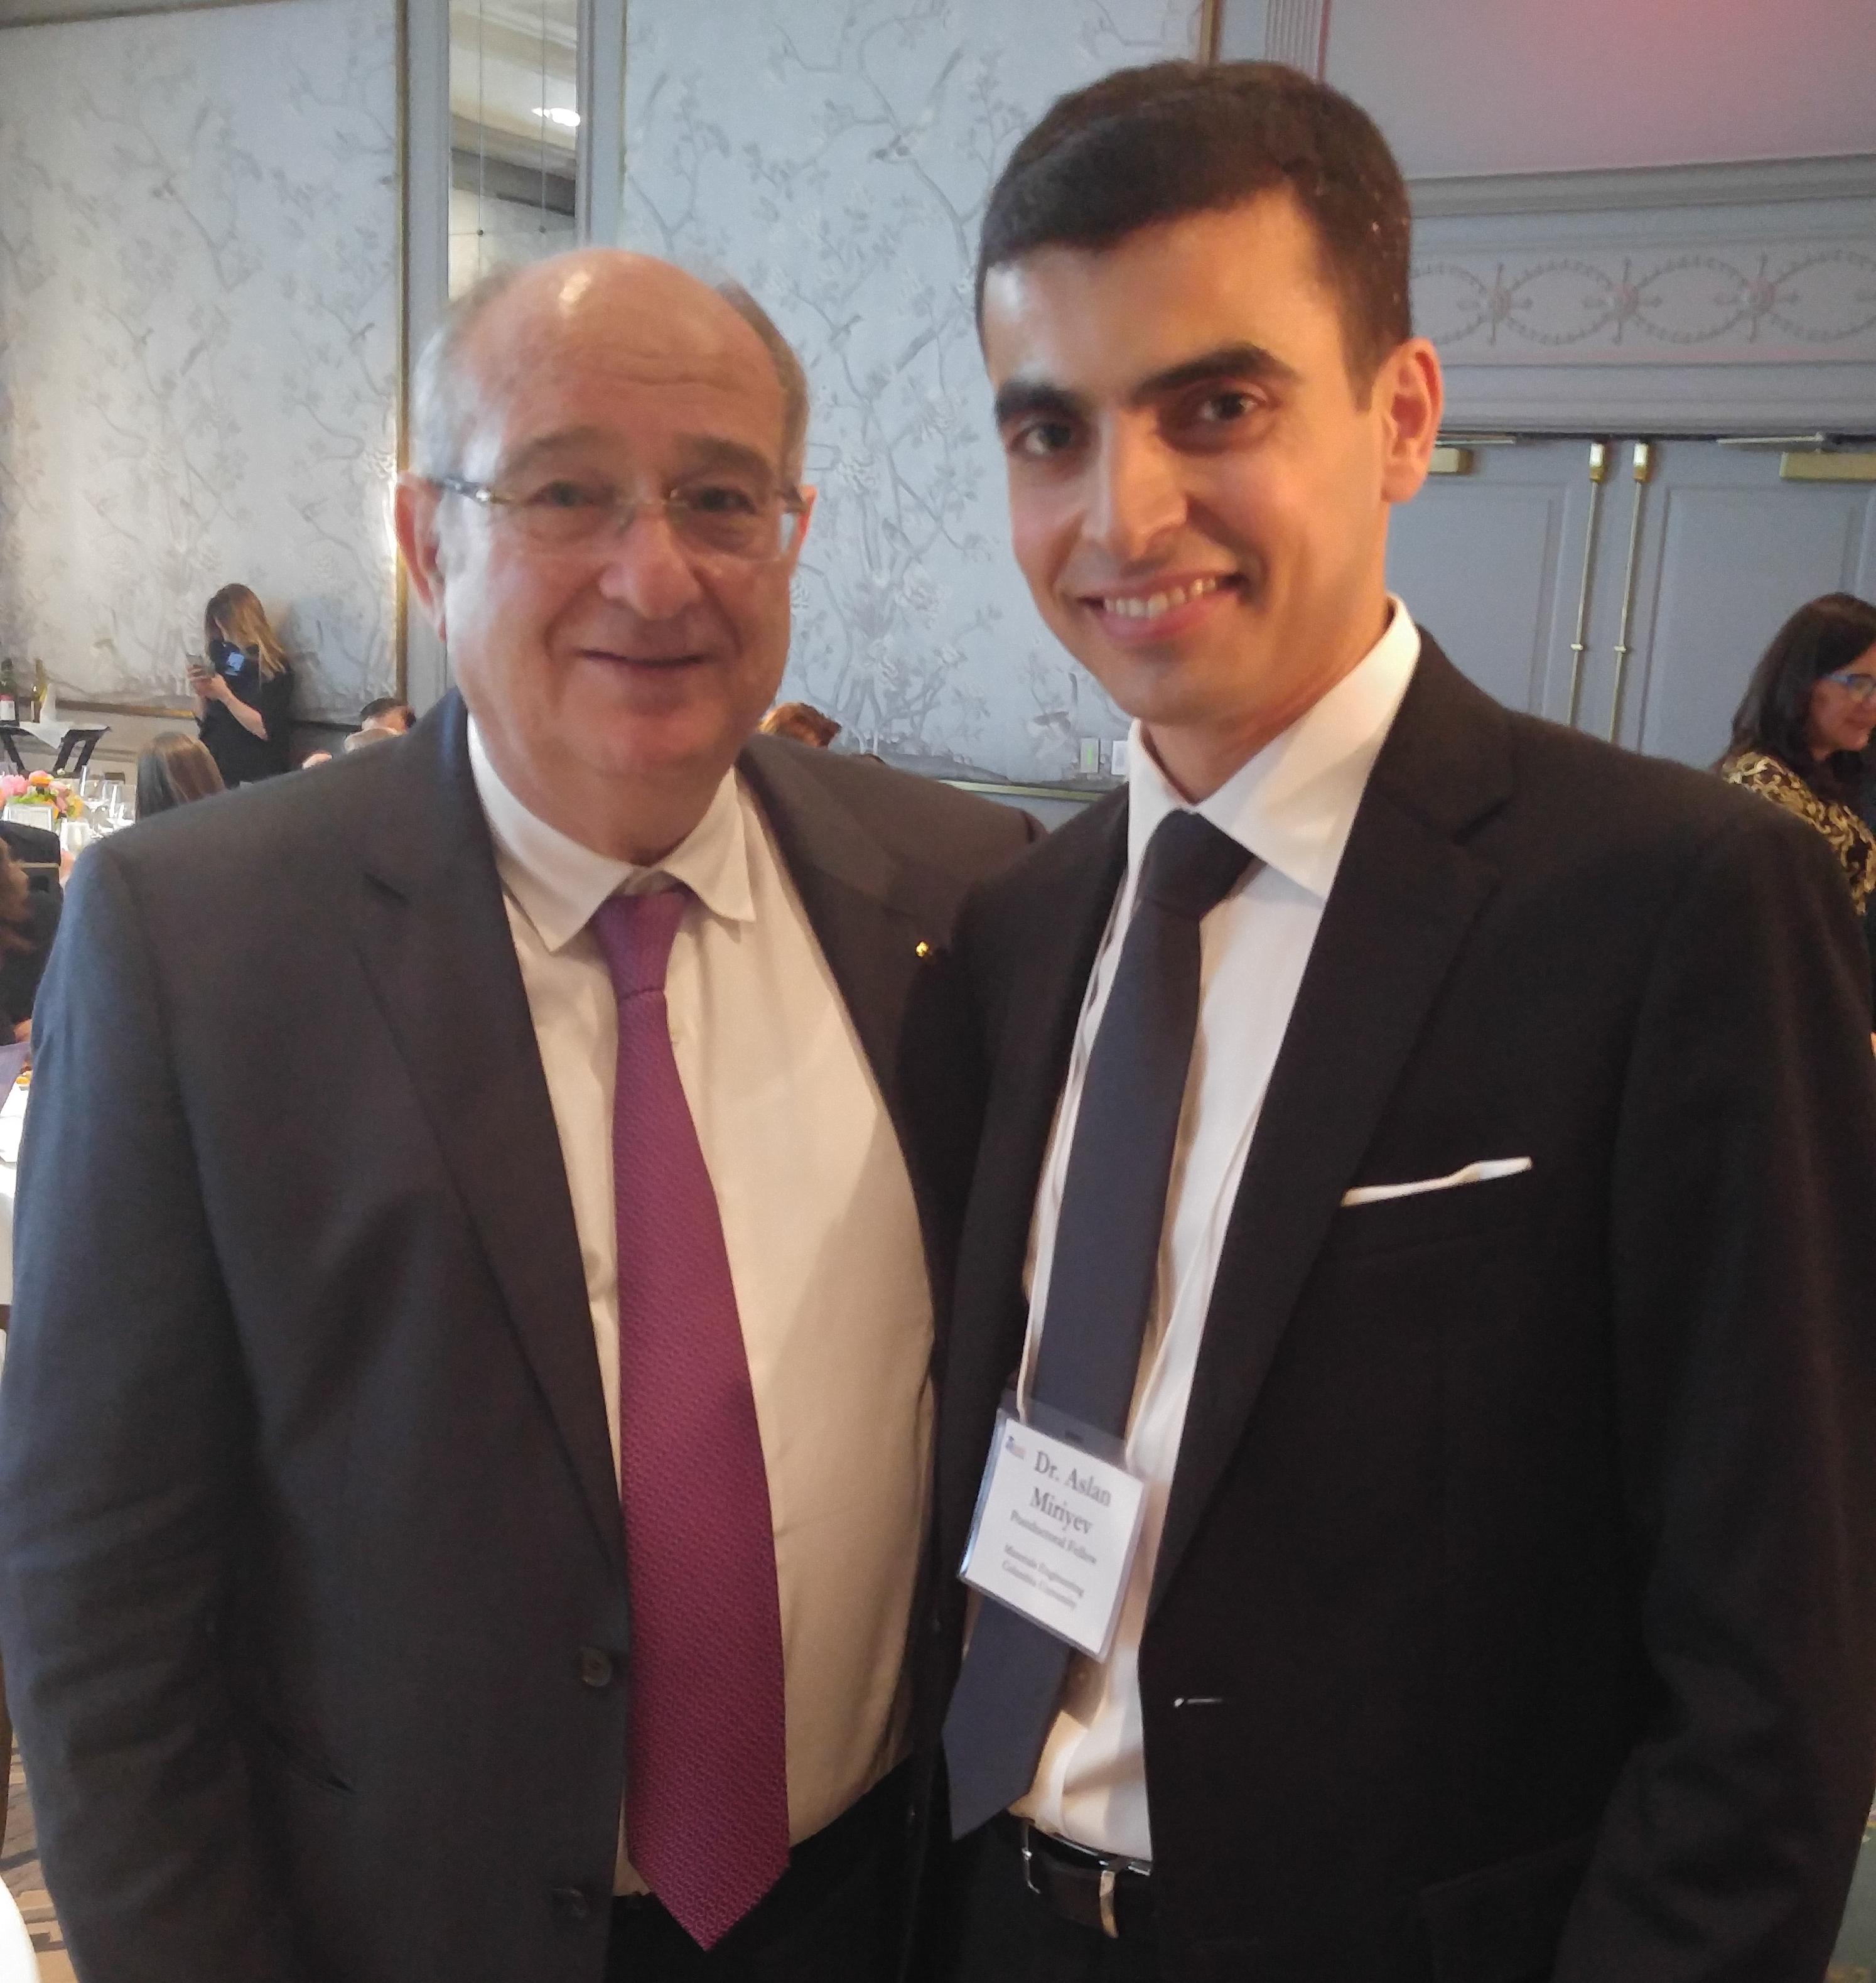 With Prof. Peretz Lavie: